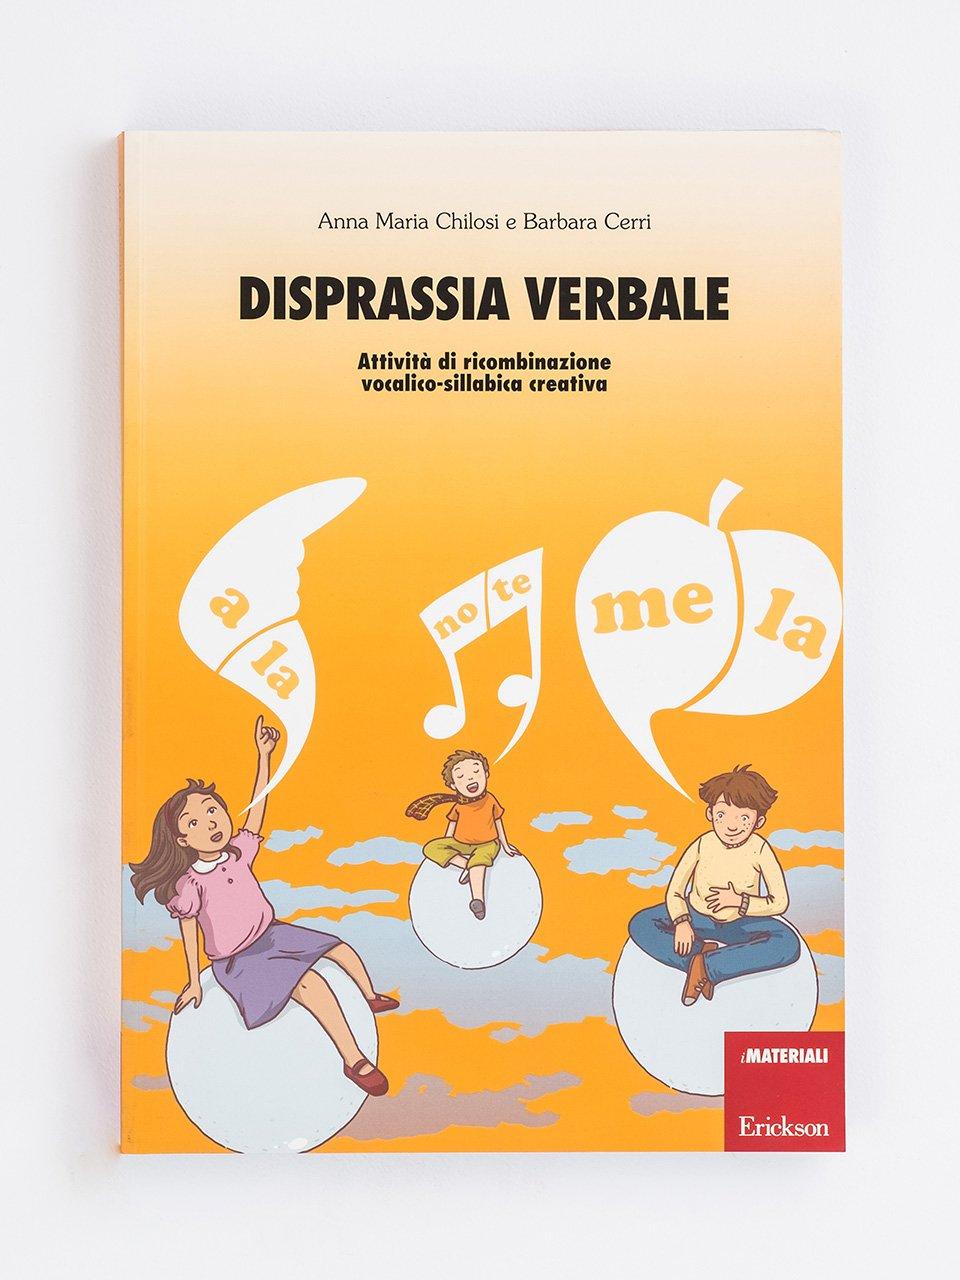 Disprassia verbale - Disprassia e apprendimento - Libri - Erickson 2